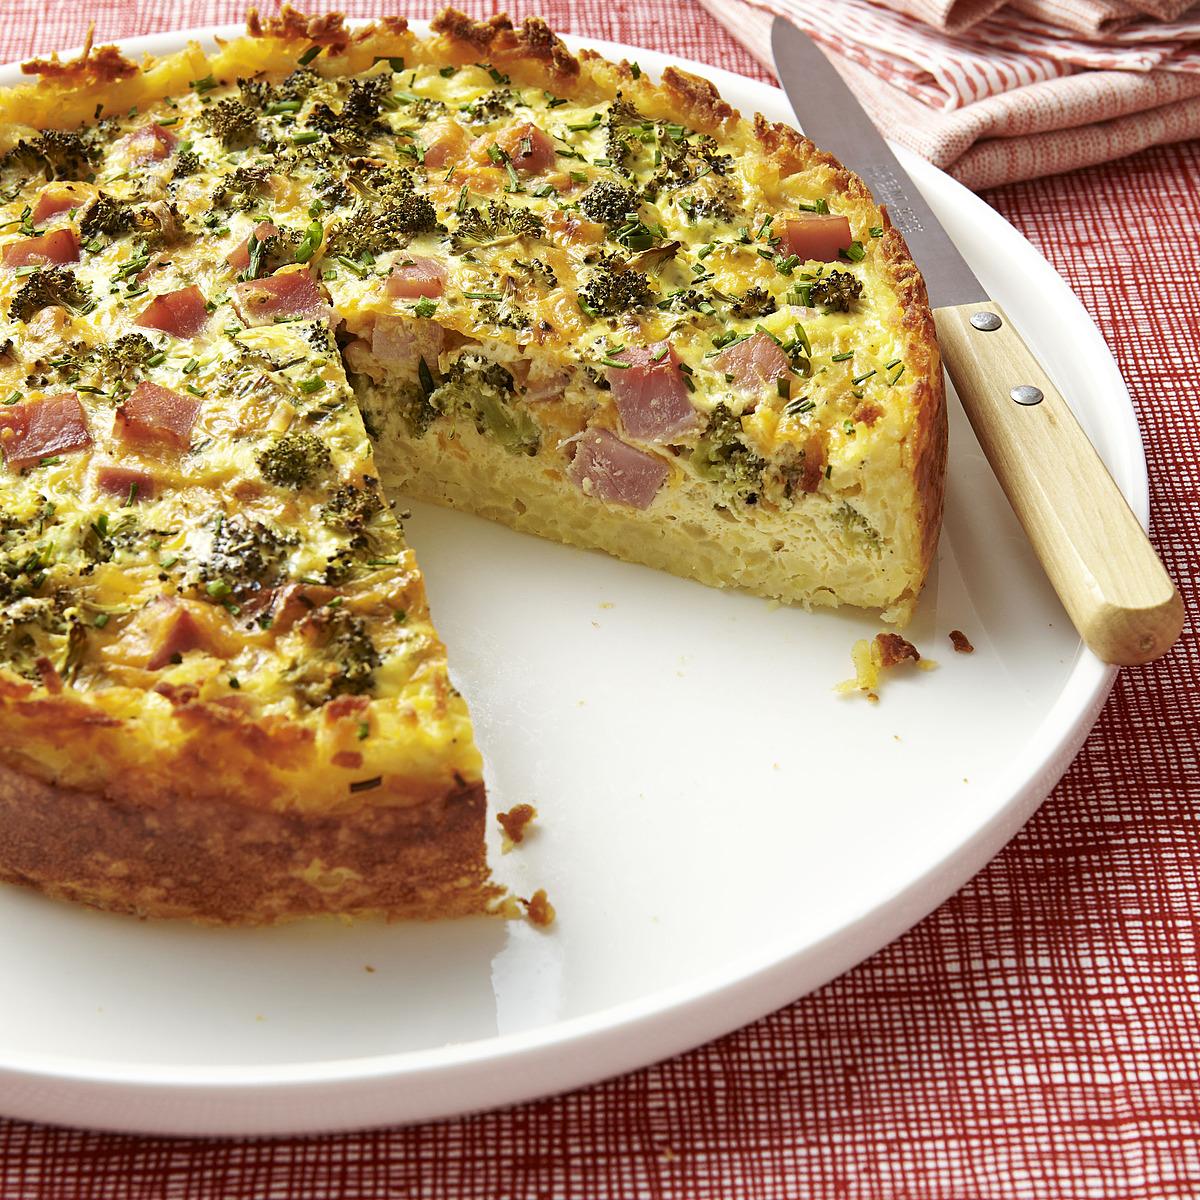 broccoli, ham, and cheese quiche